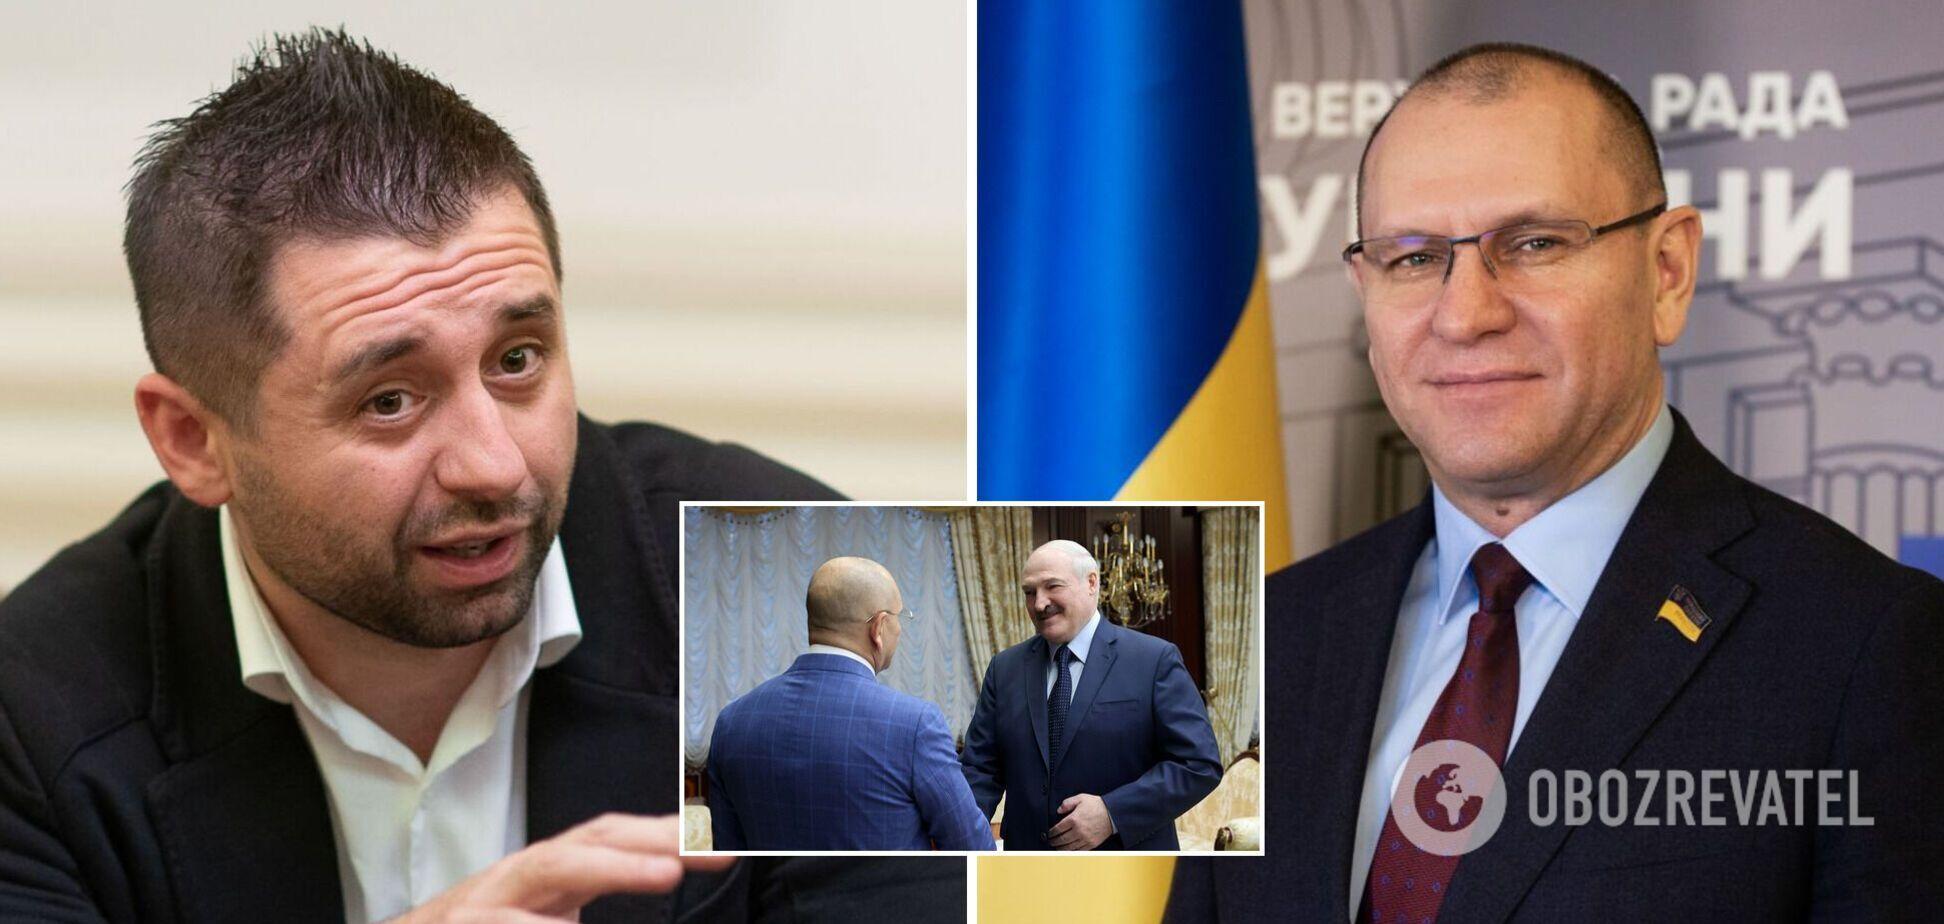 Арахамія пообіцяв Шевченку 'подарунок' від фракції за візит до Лукашенка